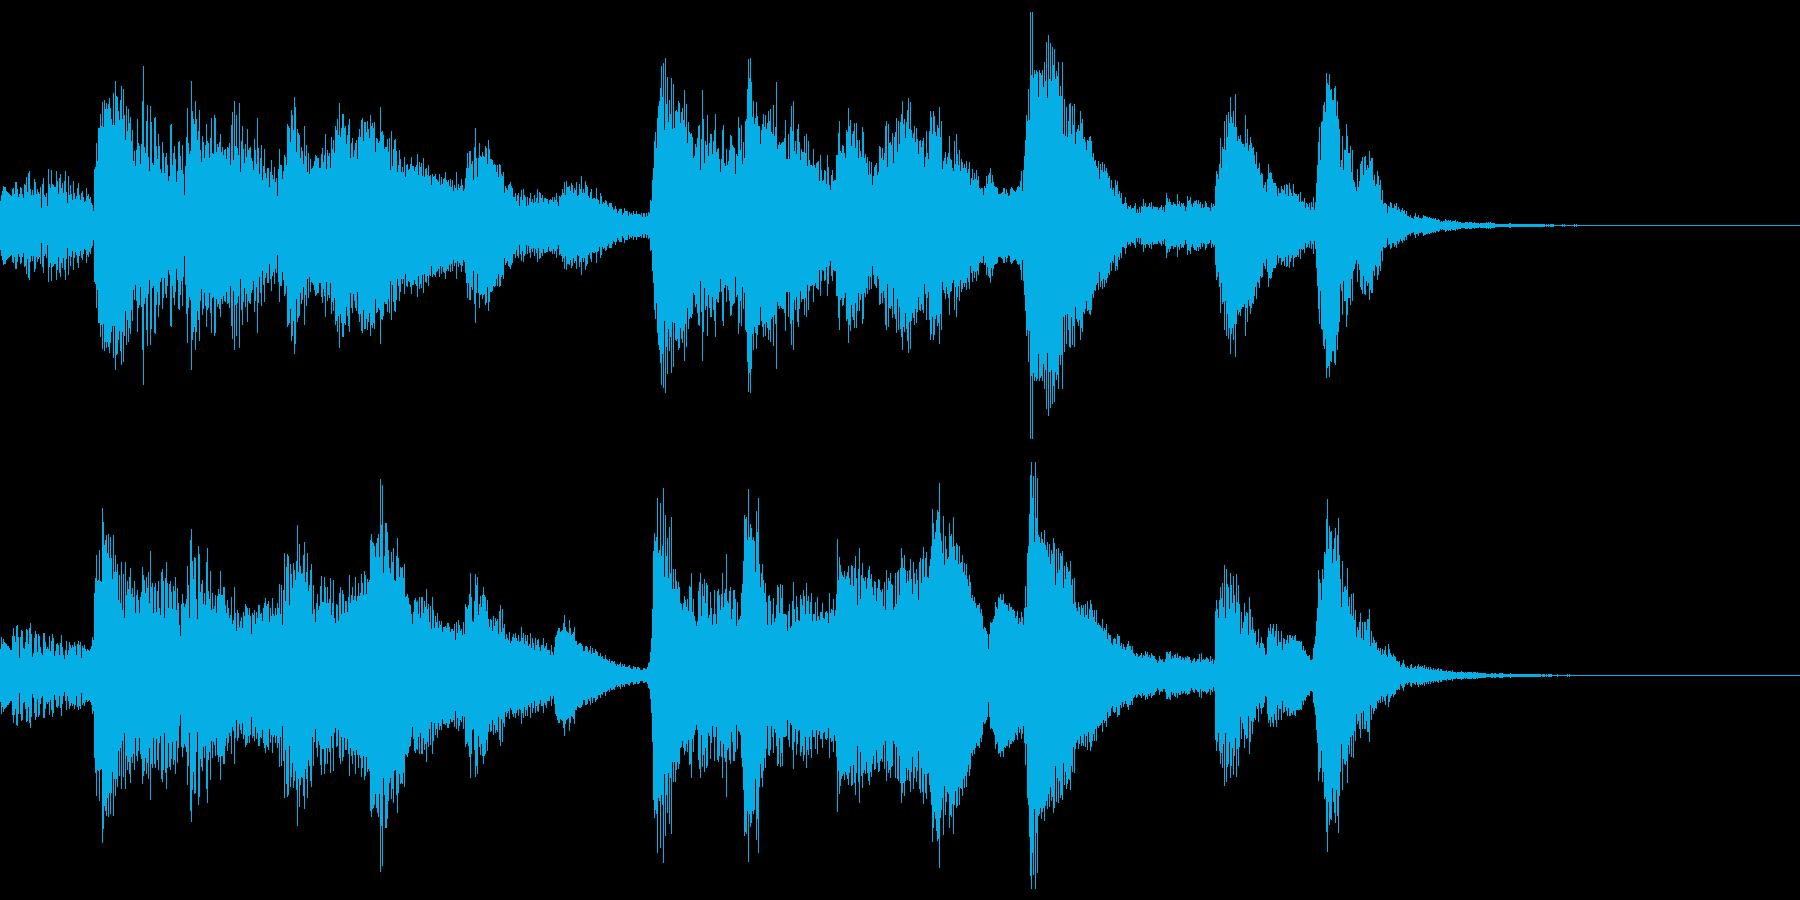 ハロウィン系ジングル4の再生済みの波形